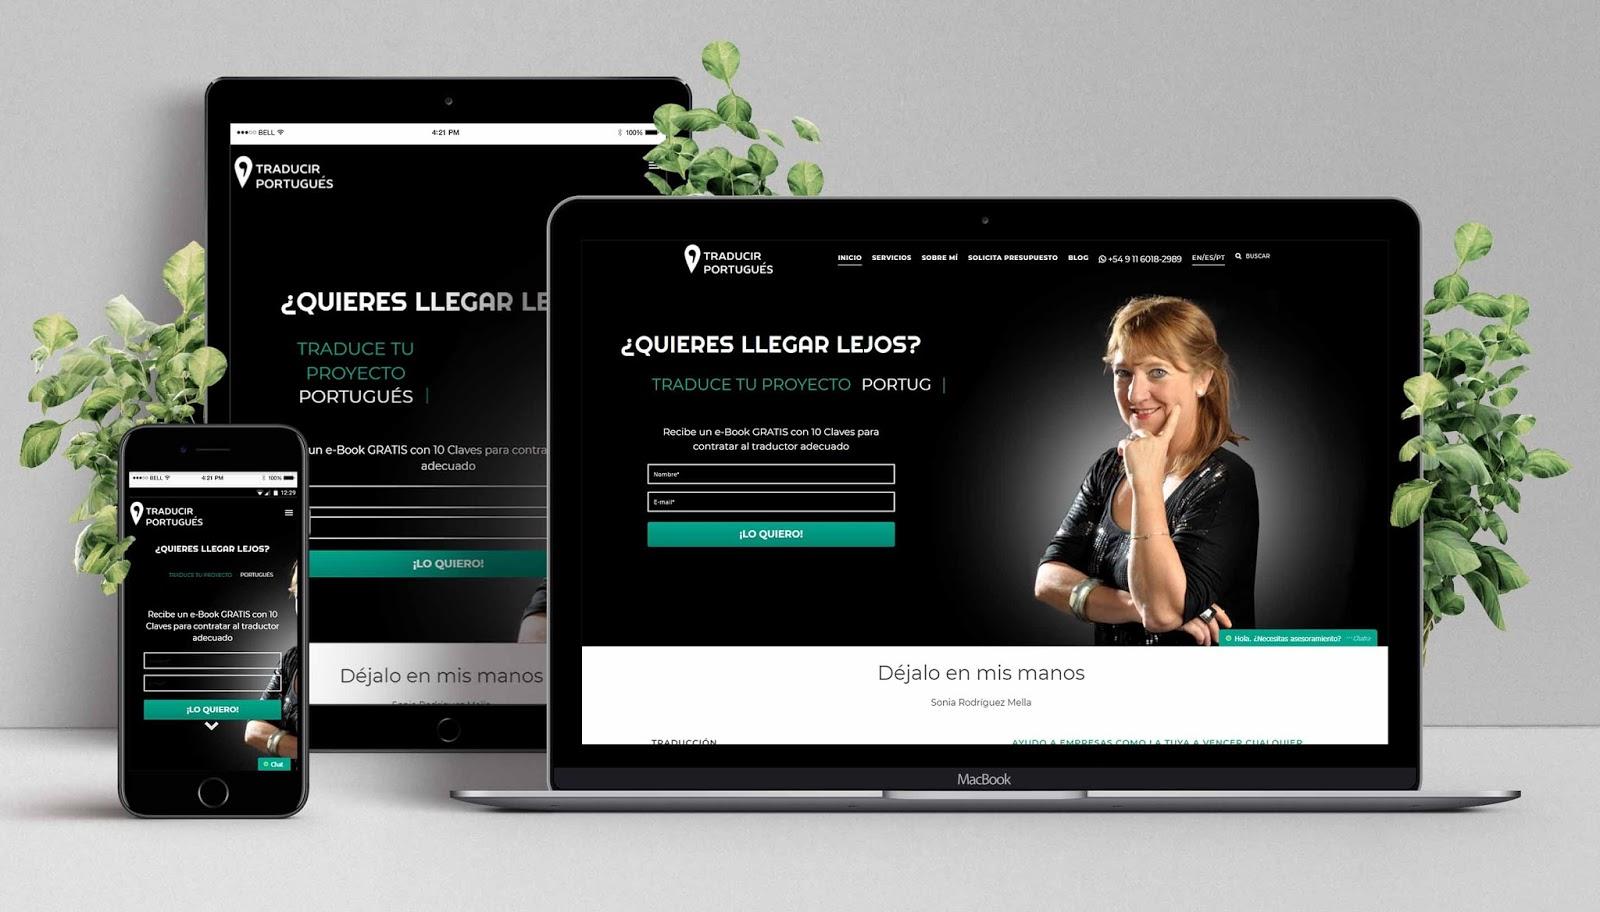 Diseño Web de Traducir Portugués